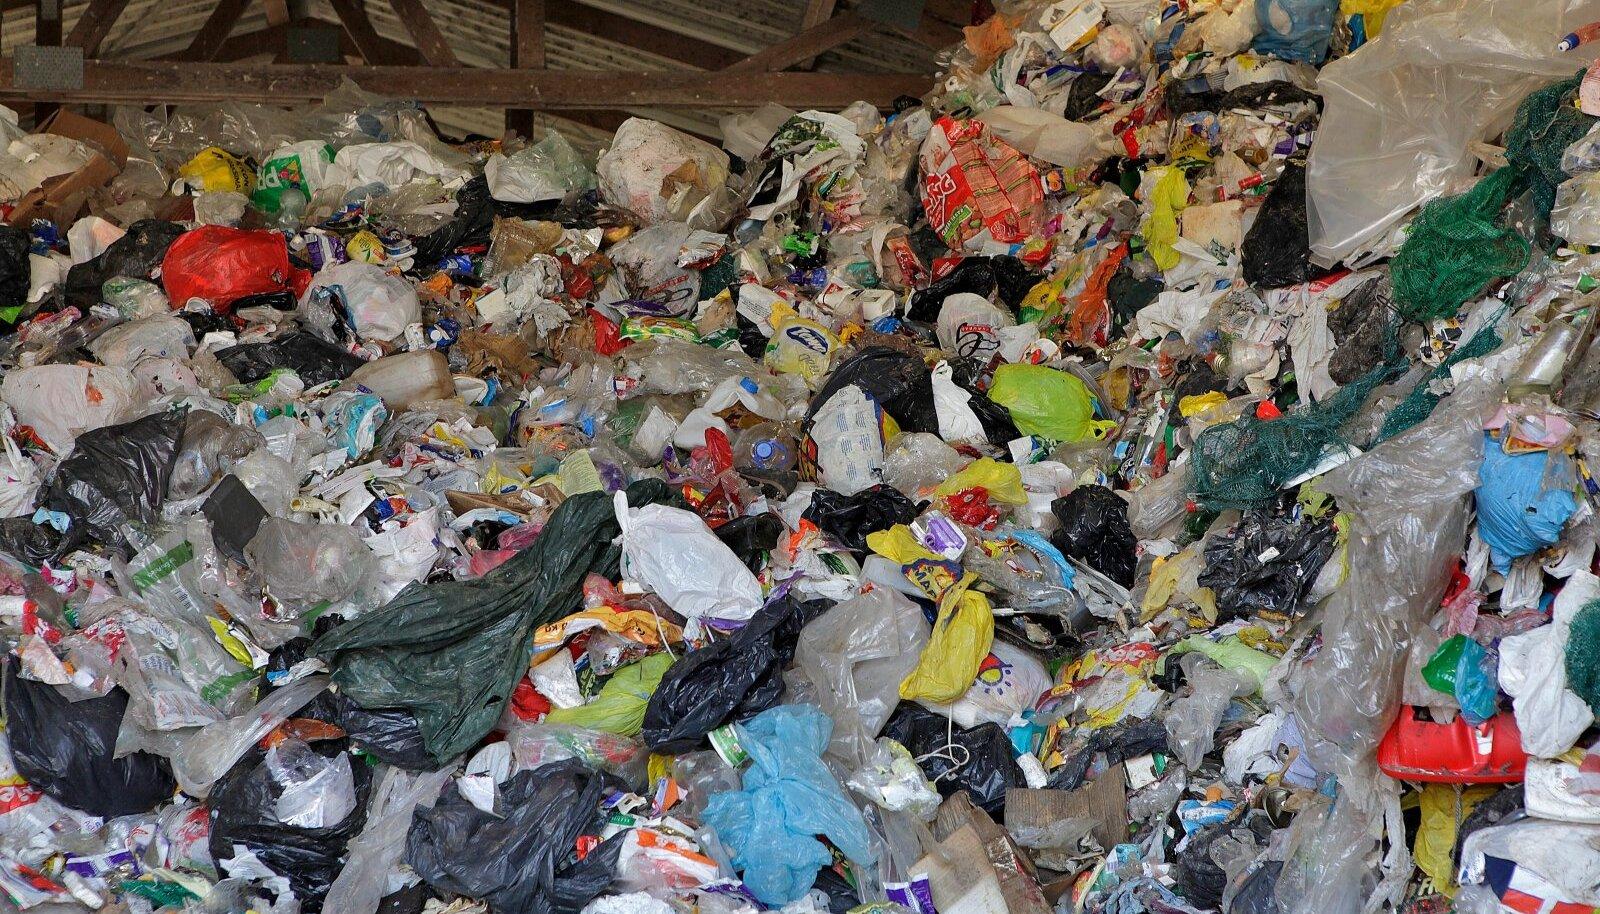 Kui 2018. aastal oleks kehtinud plastimaks, oleks Eesti pidanud Euroopa Liidule tasuma töötlemata plastpakendi eest ligi 25 miljonit eurot.